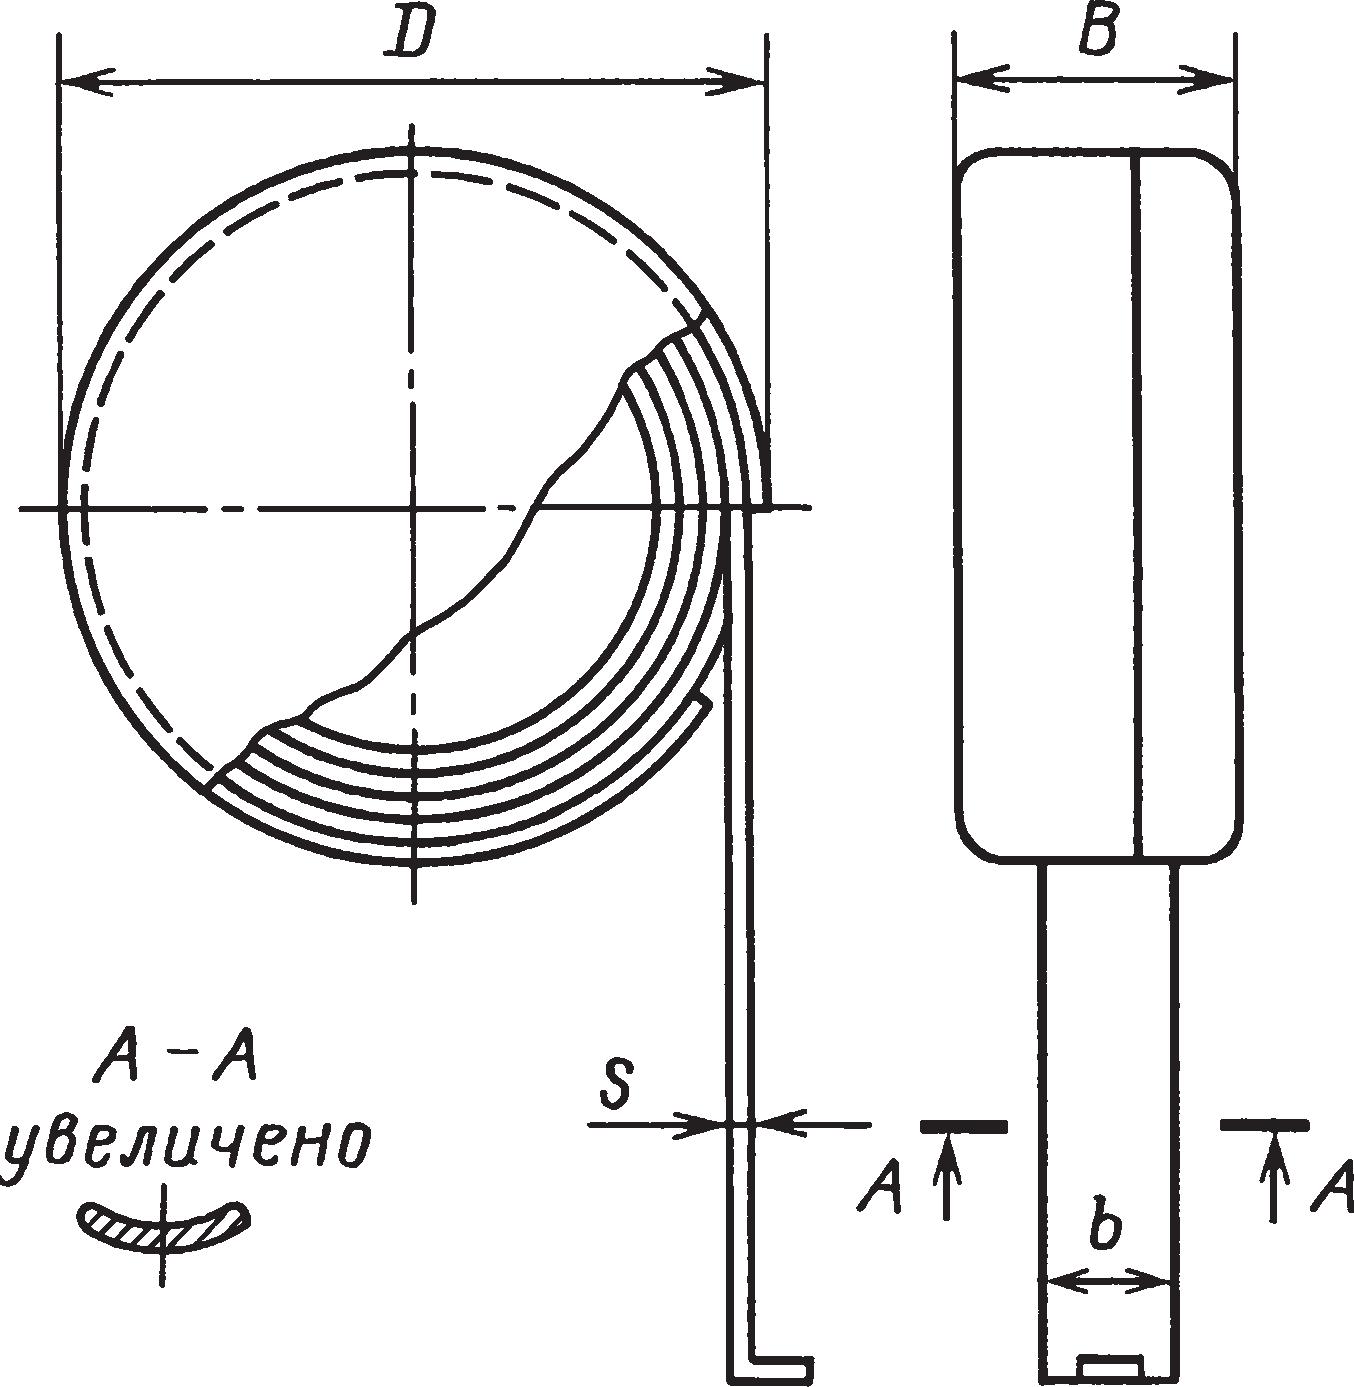 Рулетка в закрытом корпусе с выпуклой измерительной лентой (желобчатые)